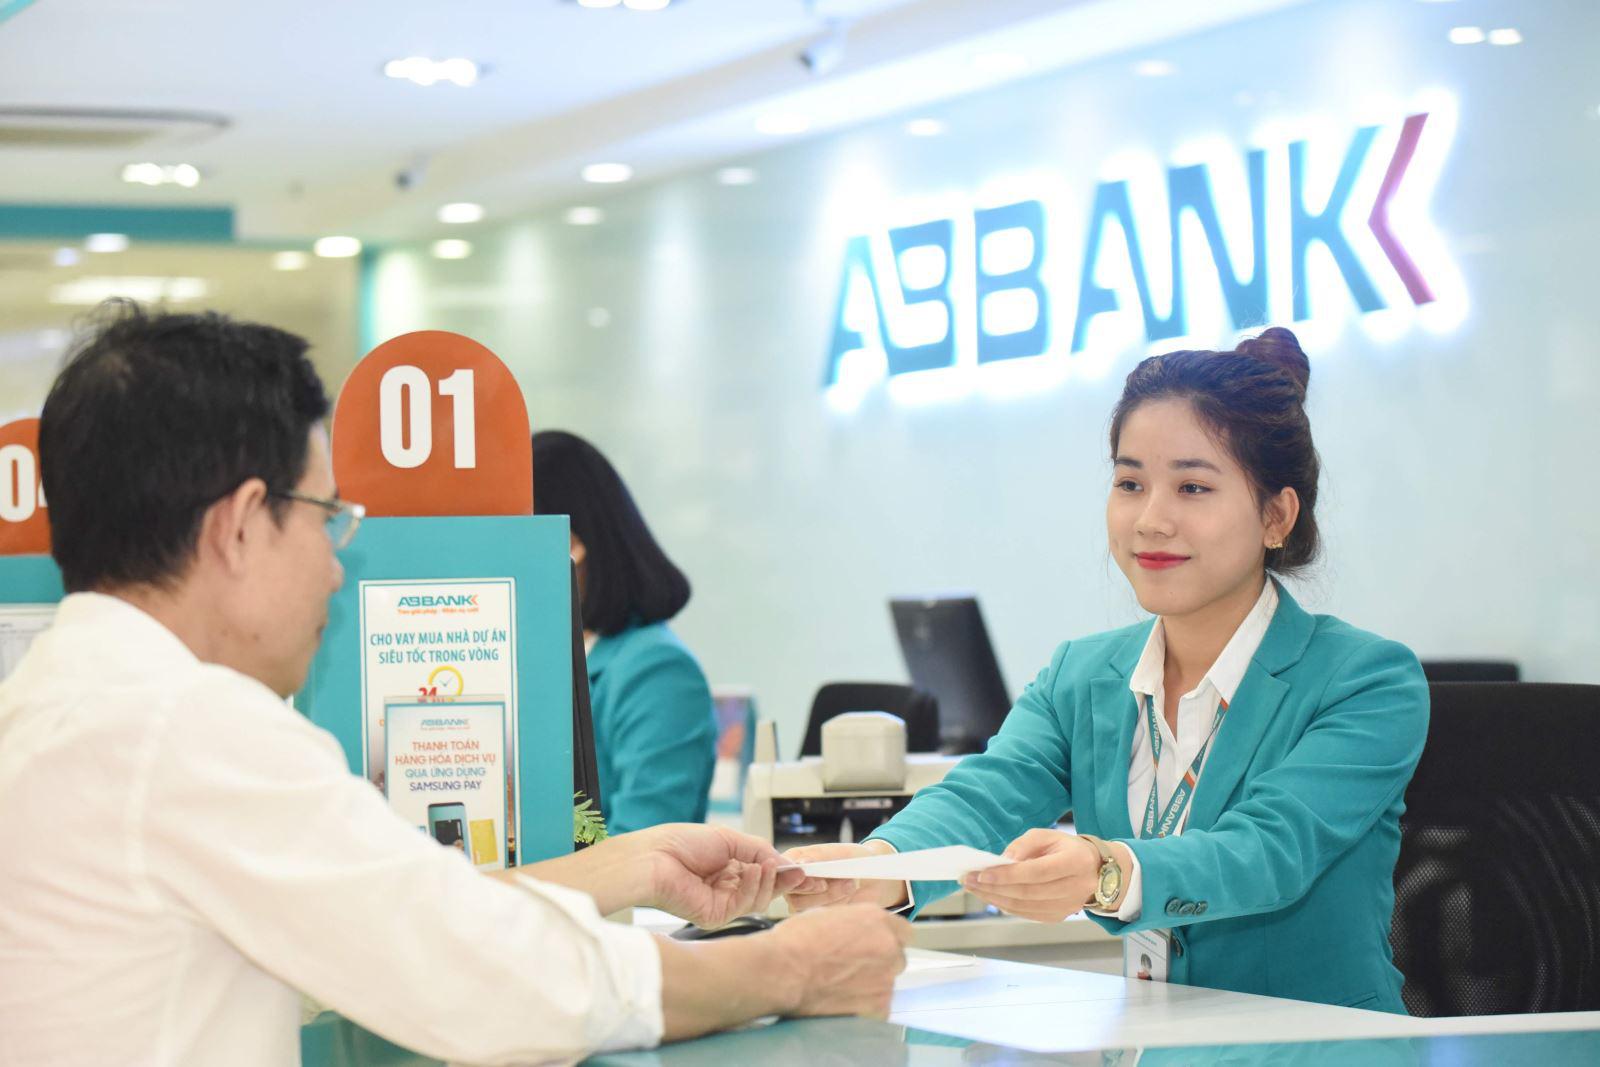 Lãi suất ngân hàng ABBank mới nhất tháng 3/2020: Cao nhất lên tới 8,3%/năm - Ảnh 1.